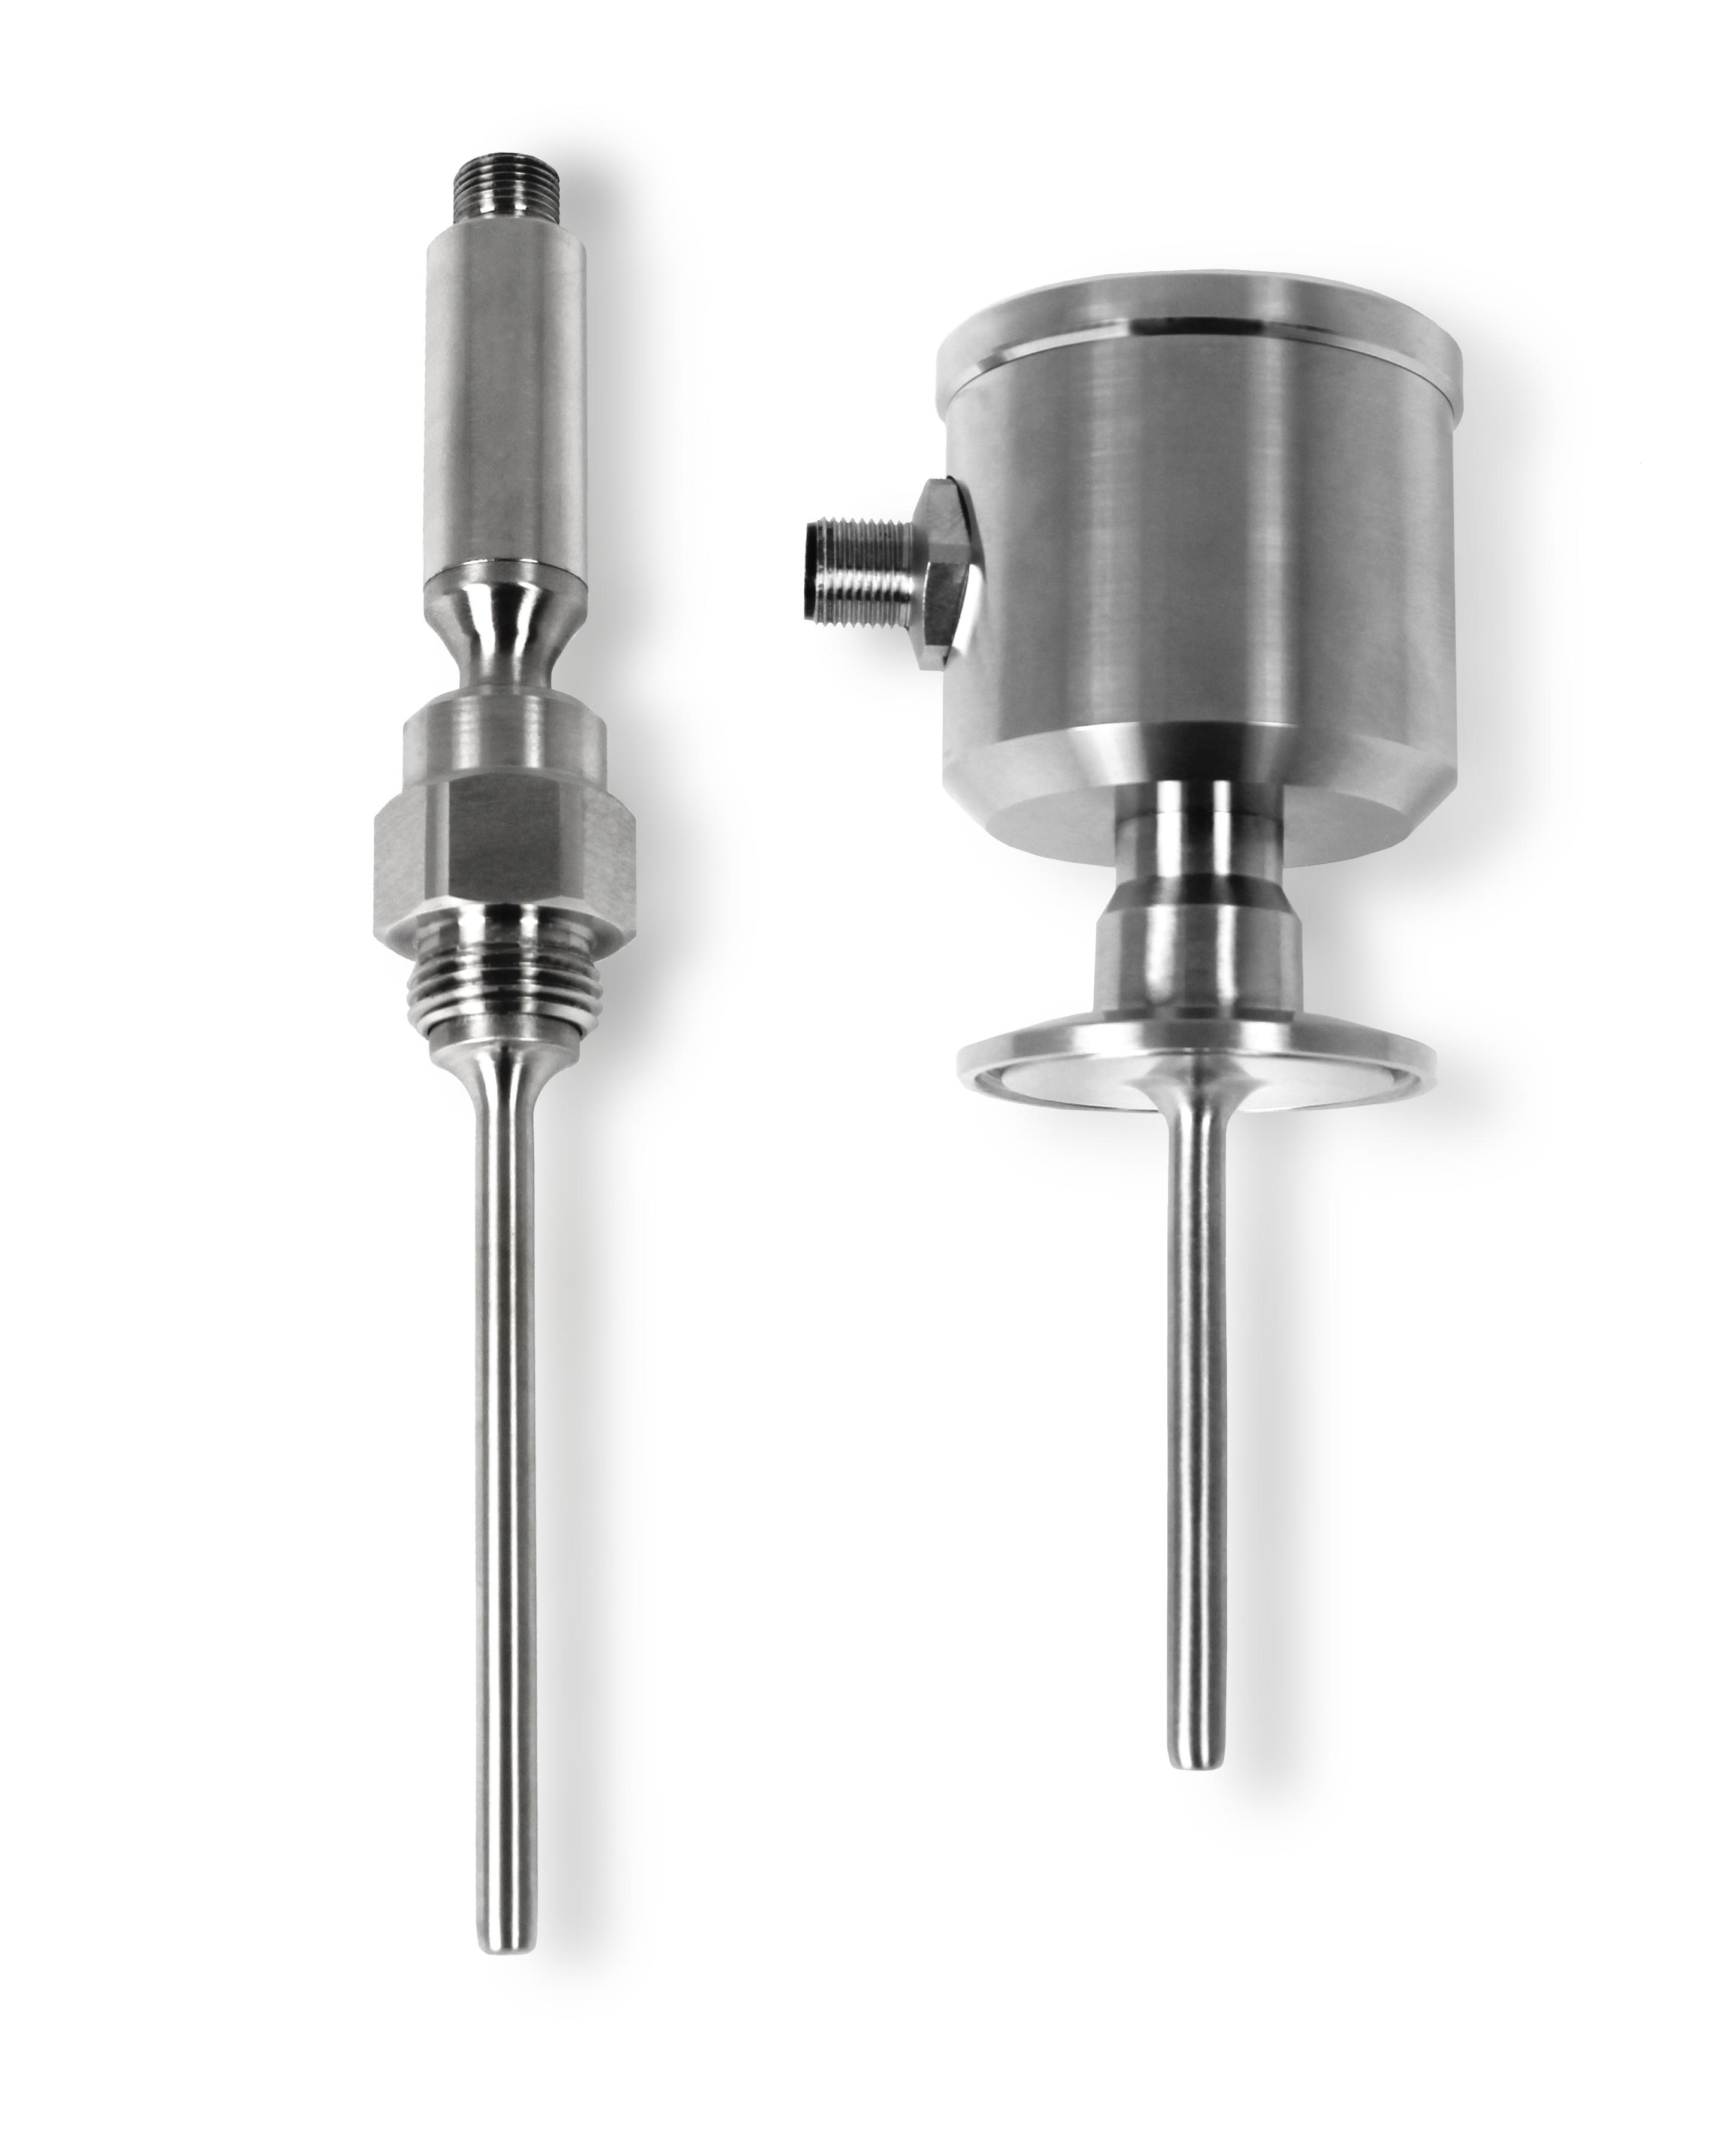 TS Temperature Sensor (TSM & TSB) - Temperature Sensors - Img 1 - Anderson-Negele